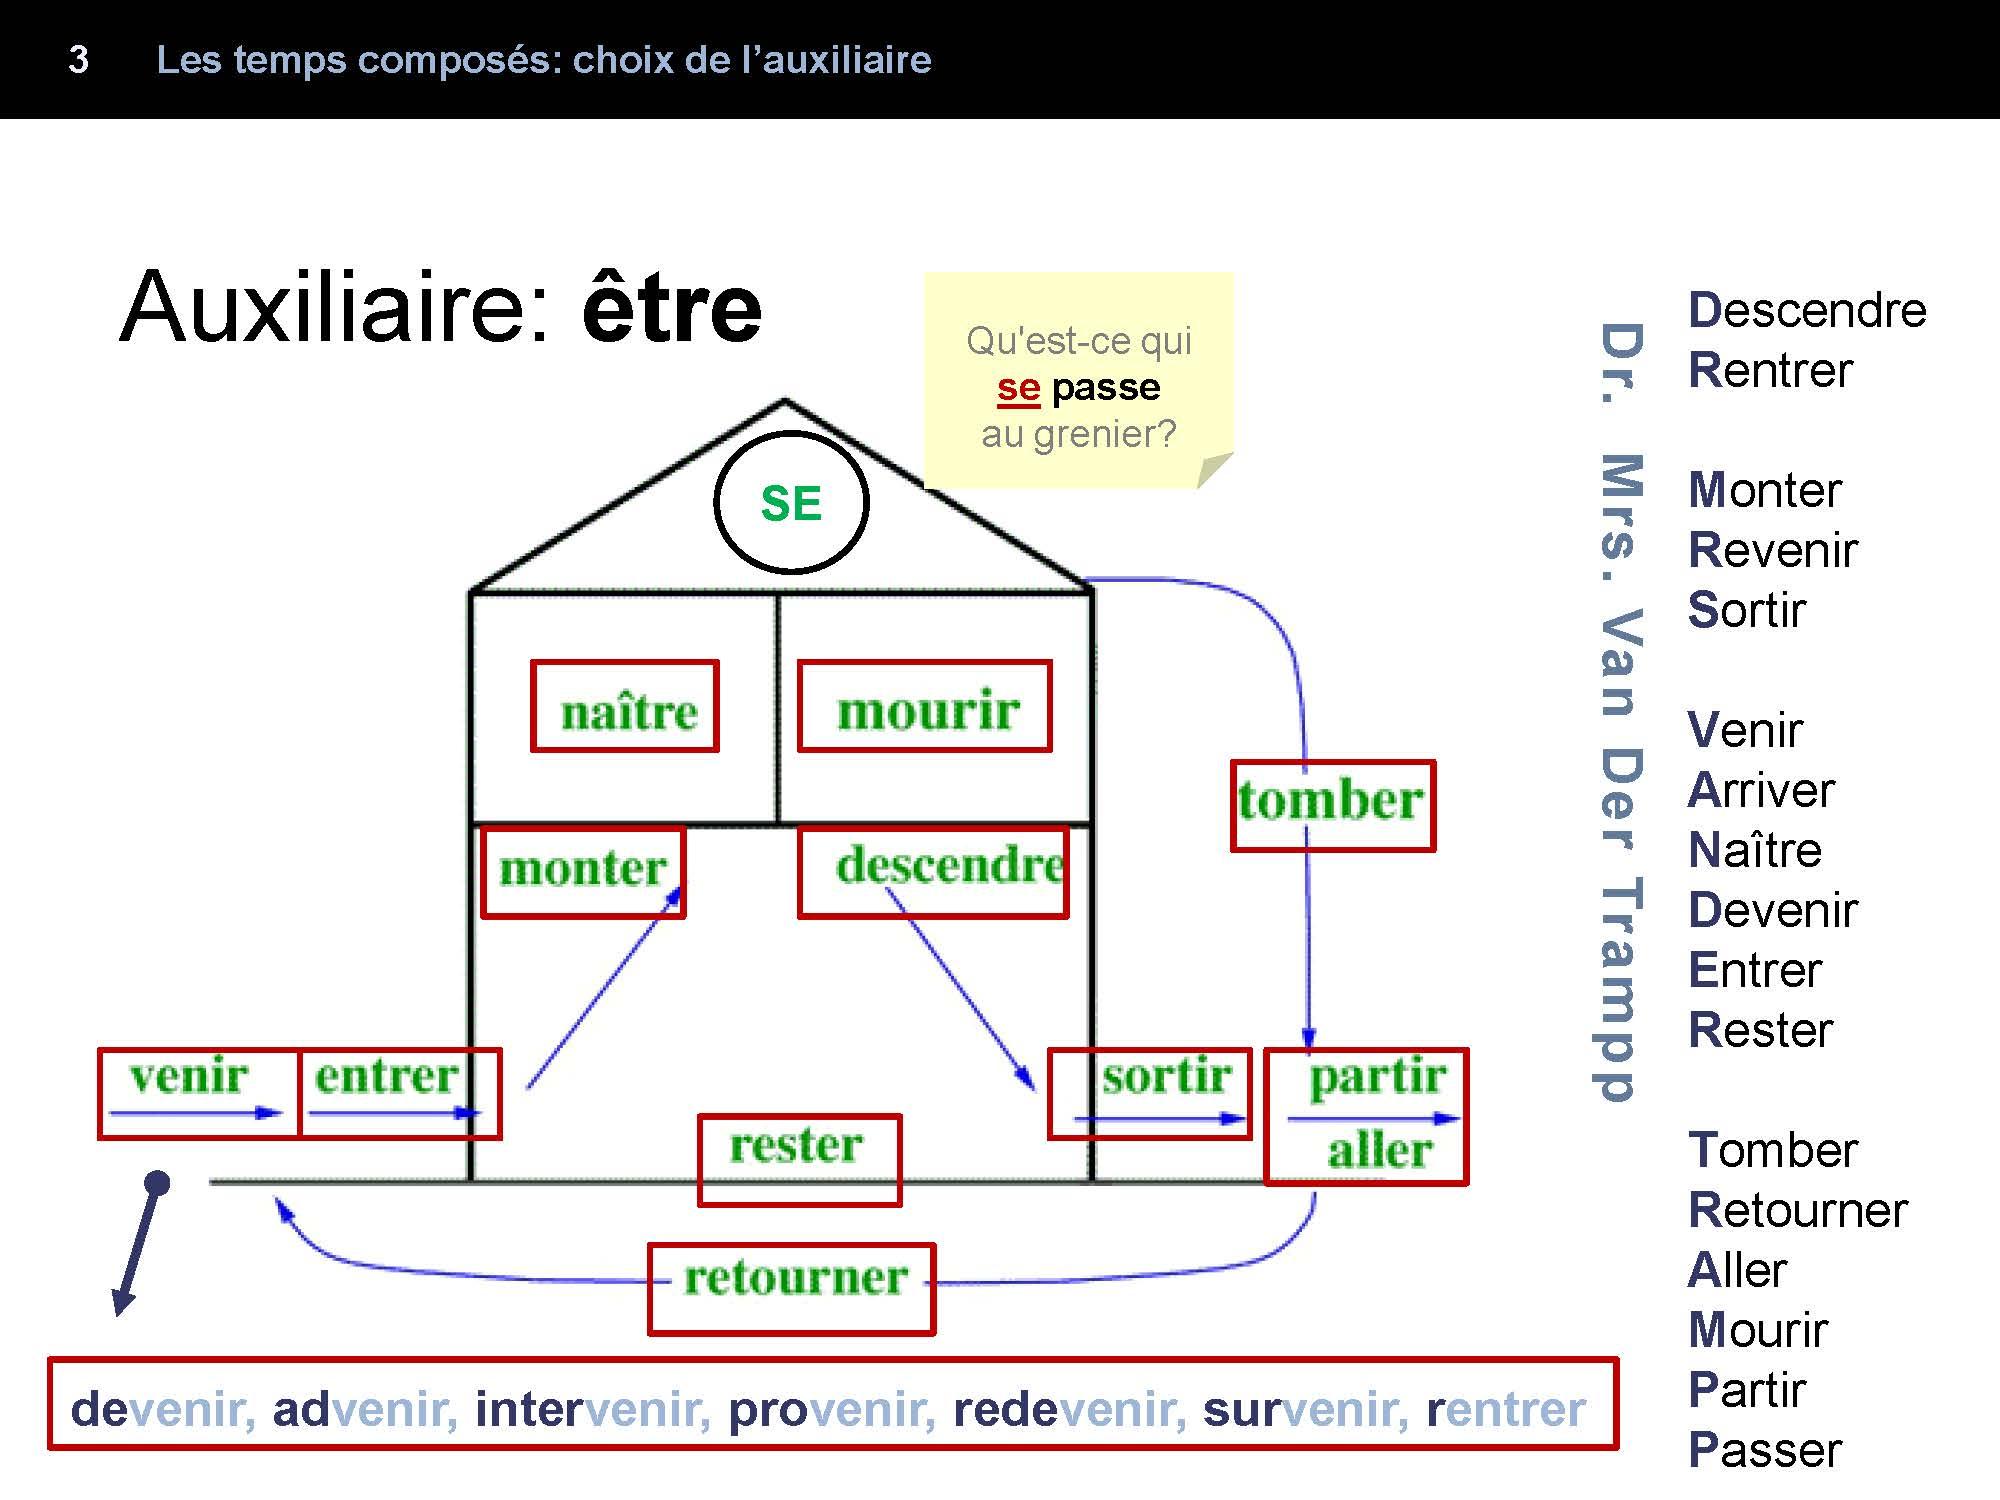 Ces Verbes Se Conjuguent Au Passe Compose Avec Le Verbe Etre Grammaire Francaise